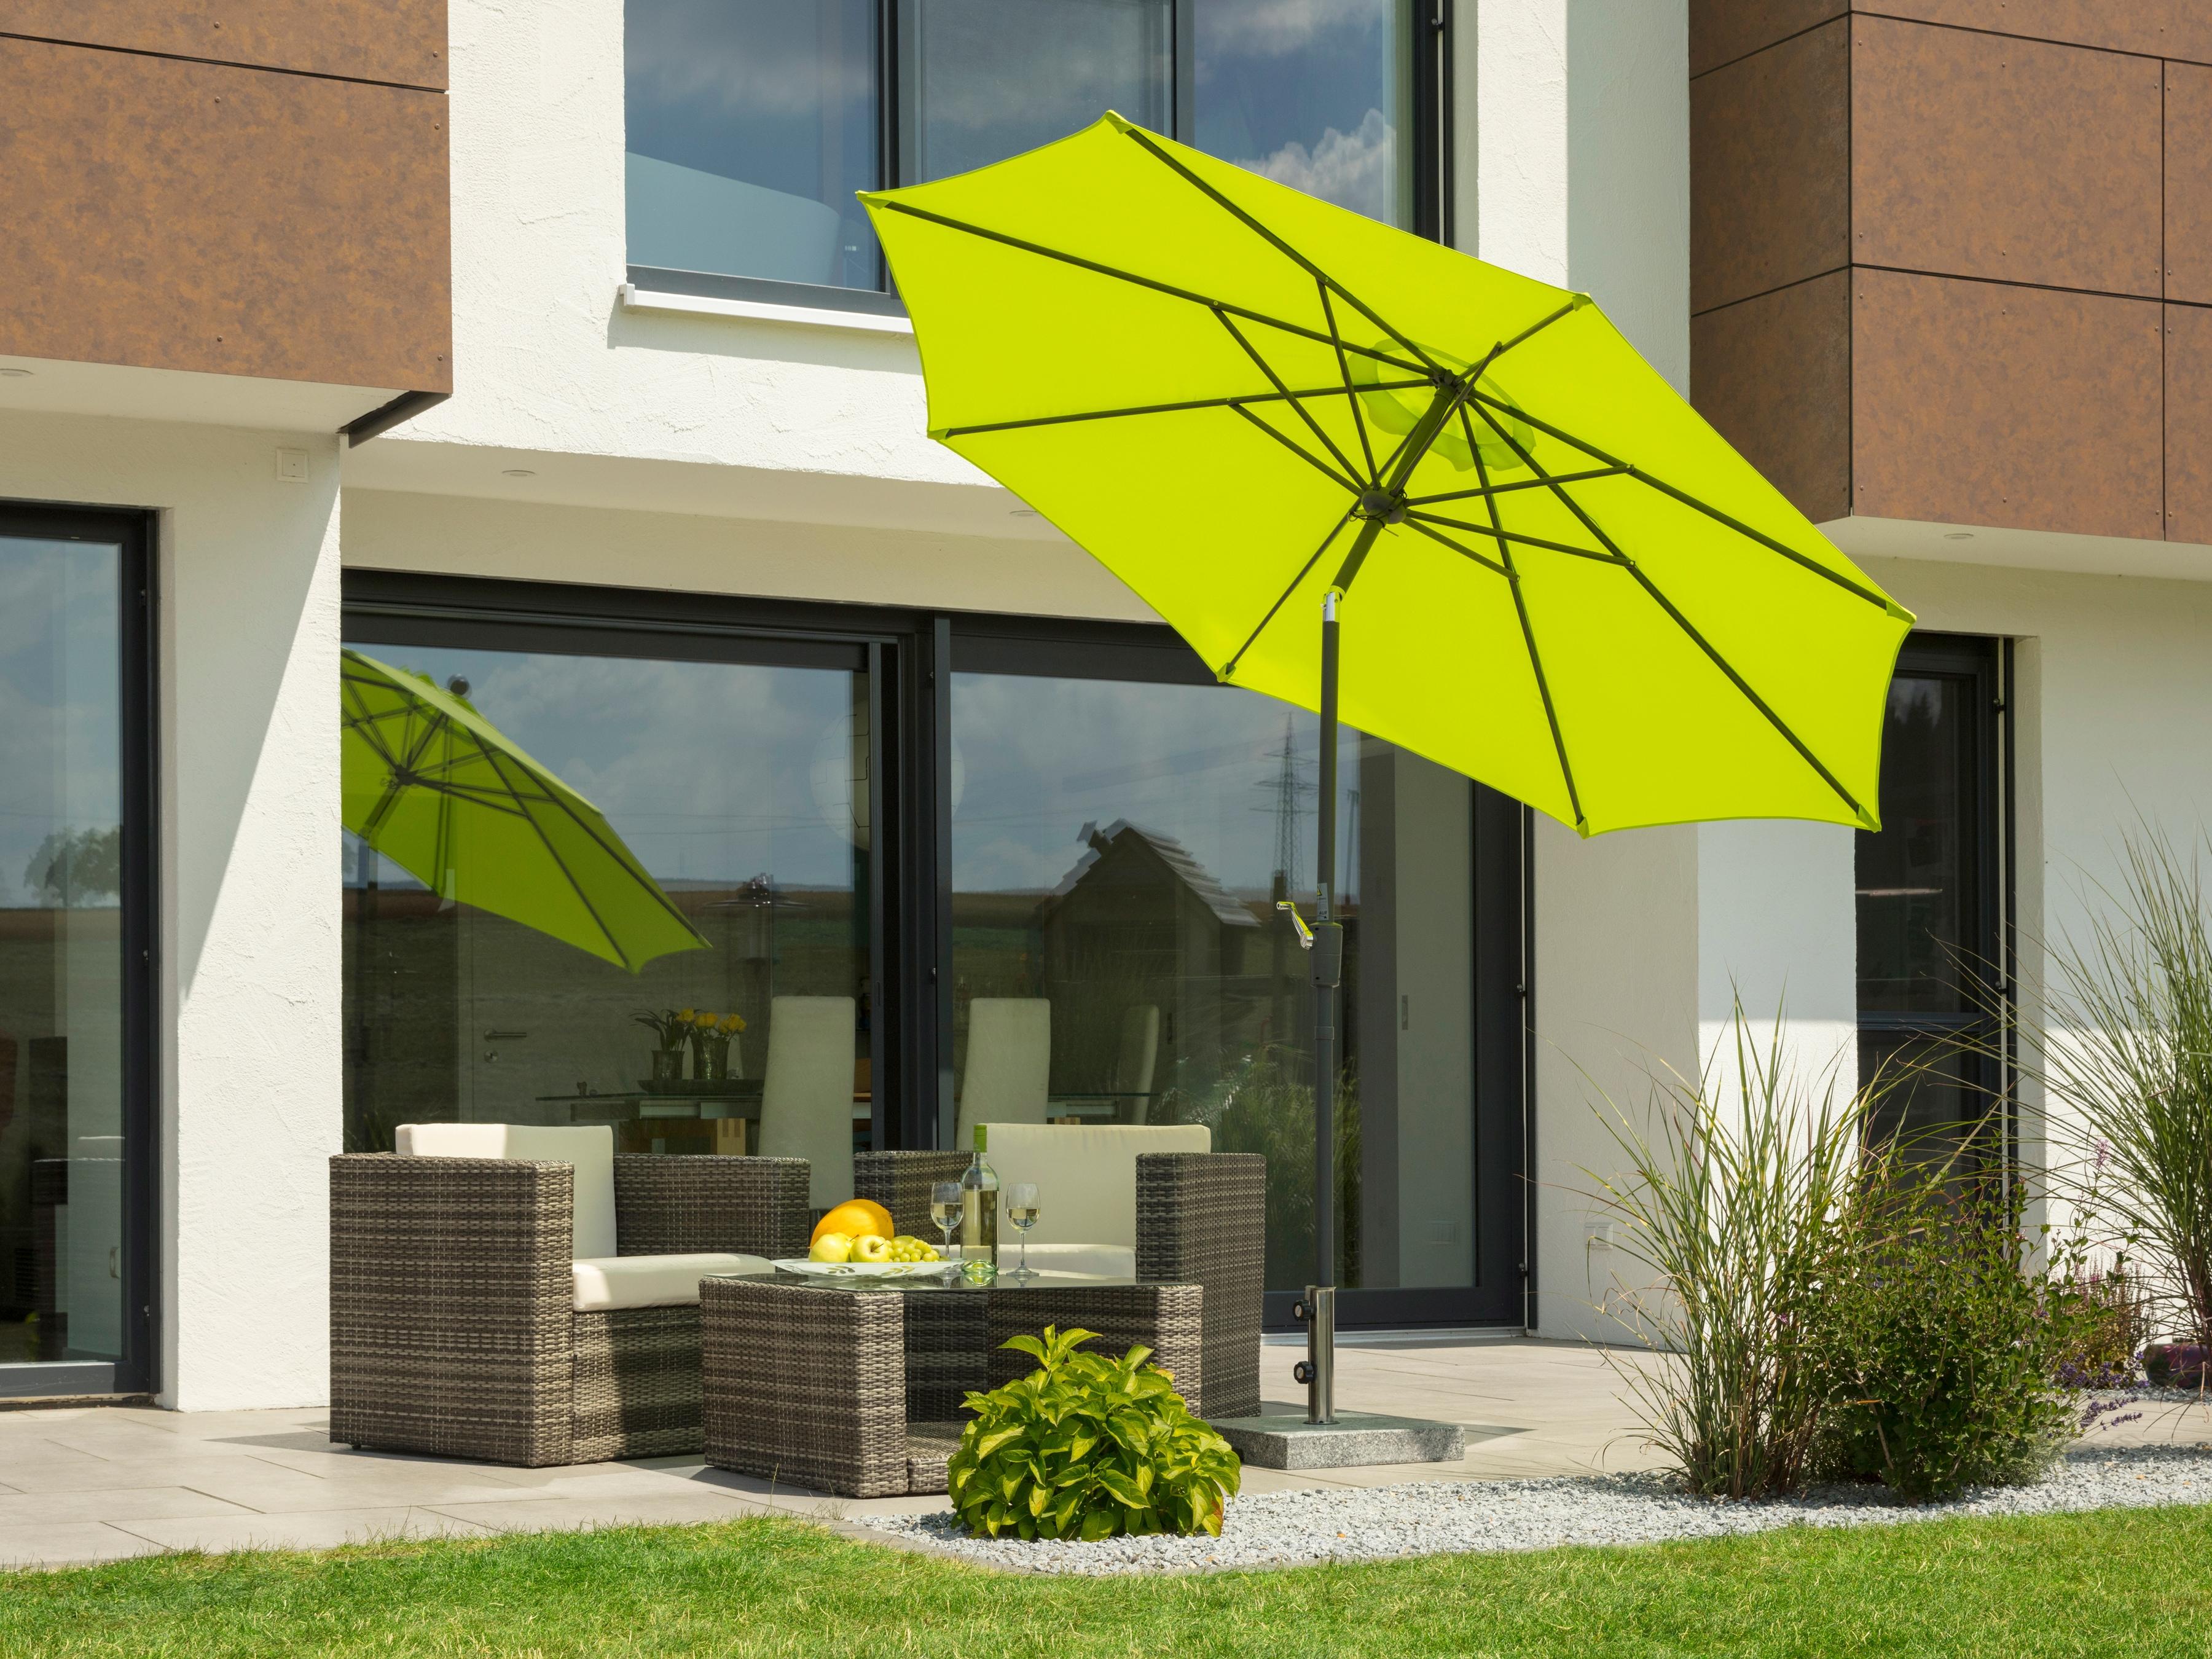 Schneider Schirme Sonnenschirm Harlem, ohne Schirmständer grün Sonnenschirme -segel Gartenmöbel Gartendeko